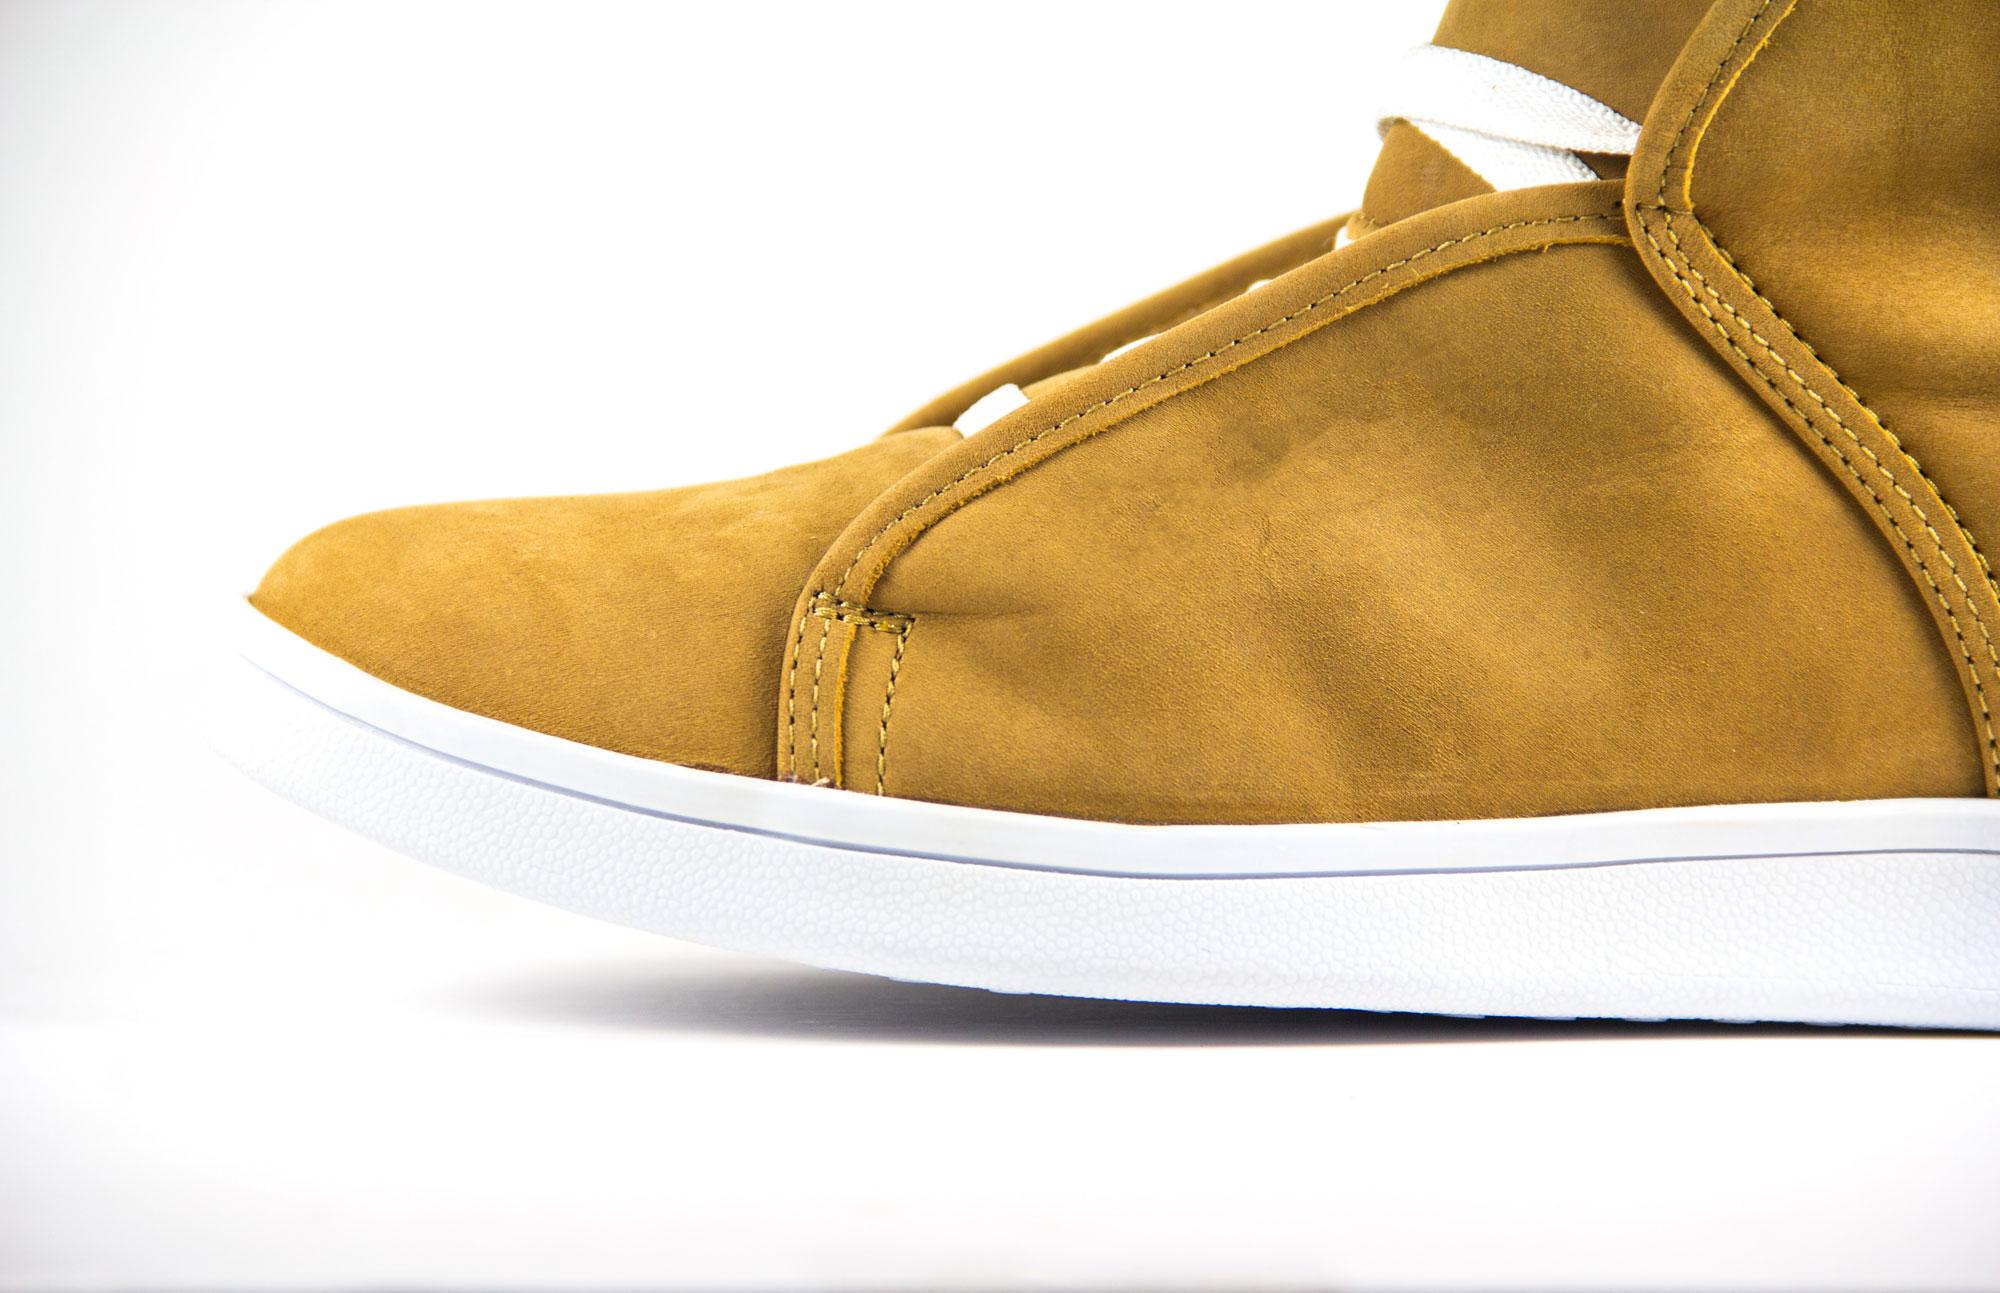 Suède schoenen schoonmaken 5 tips! | Shoeshiners Online